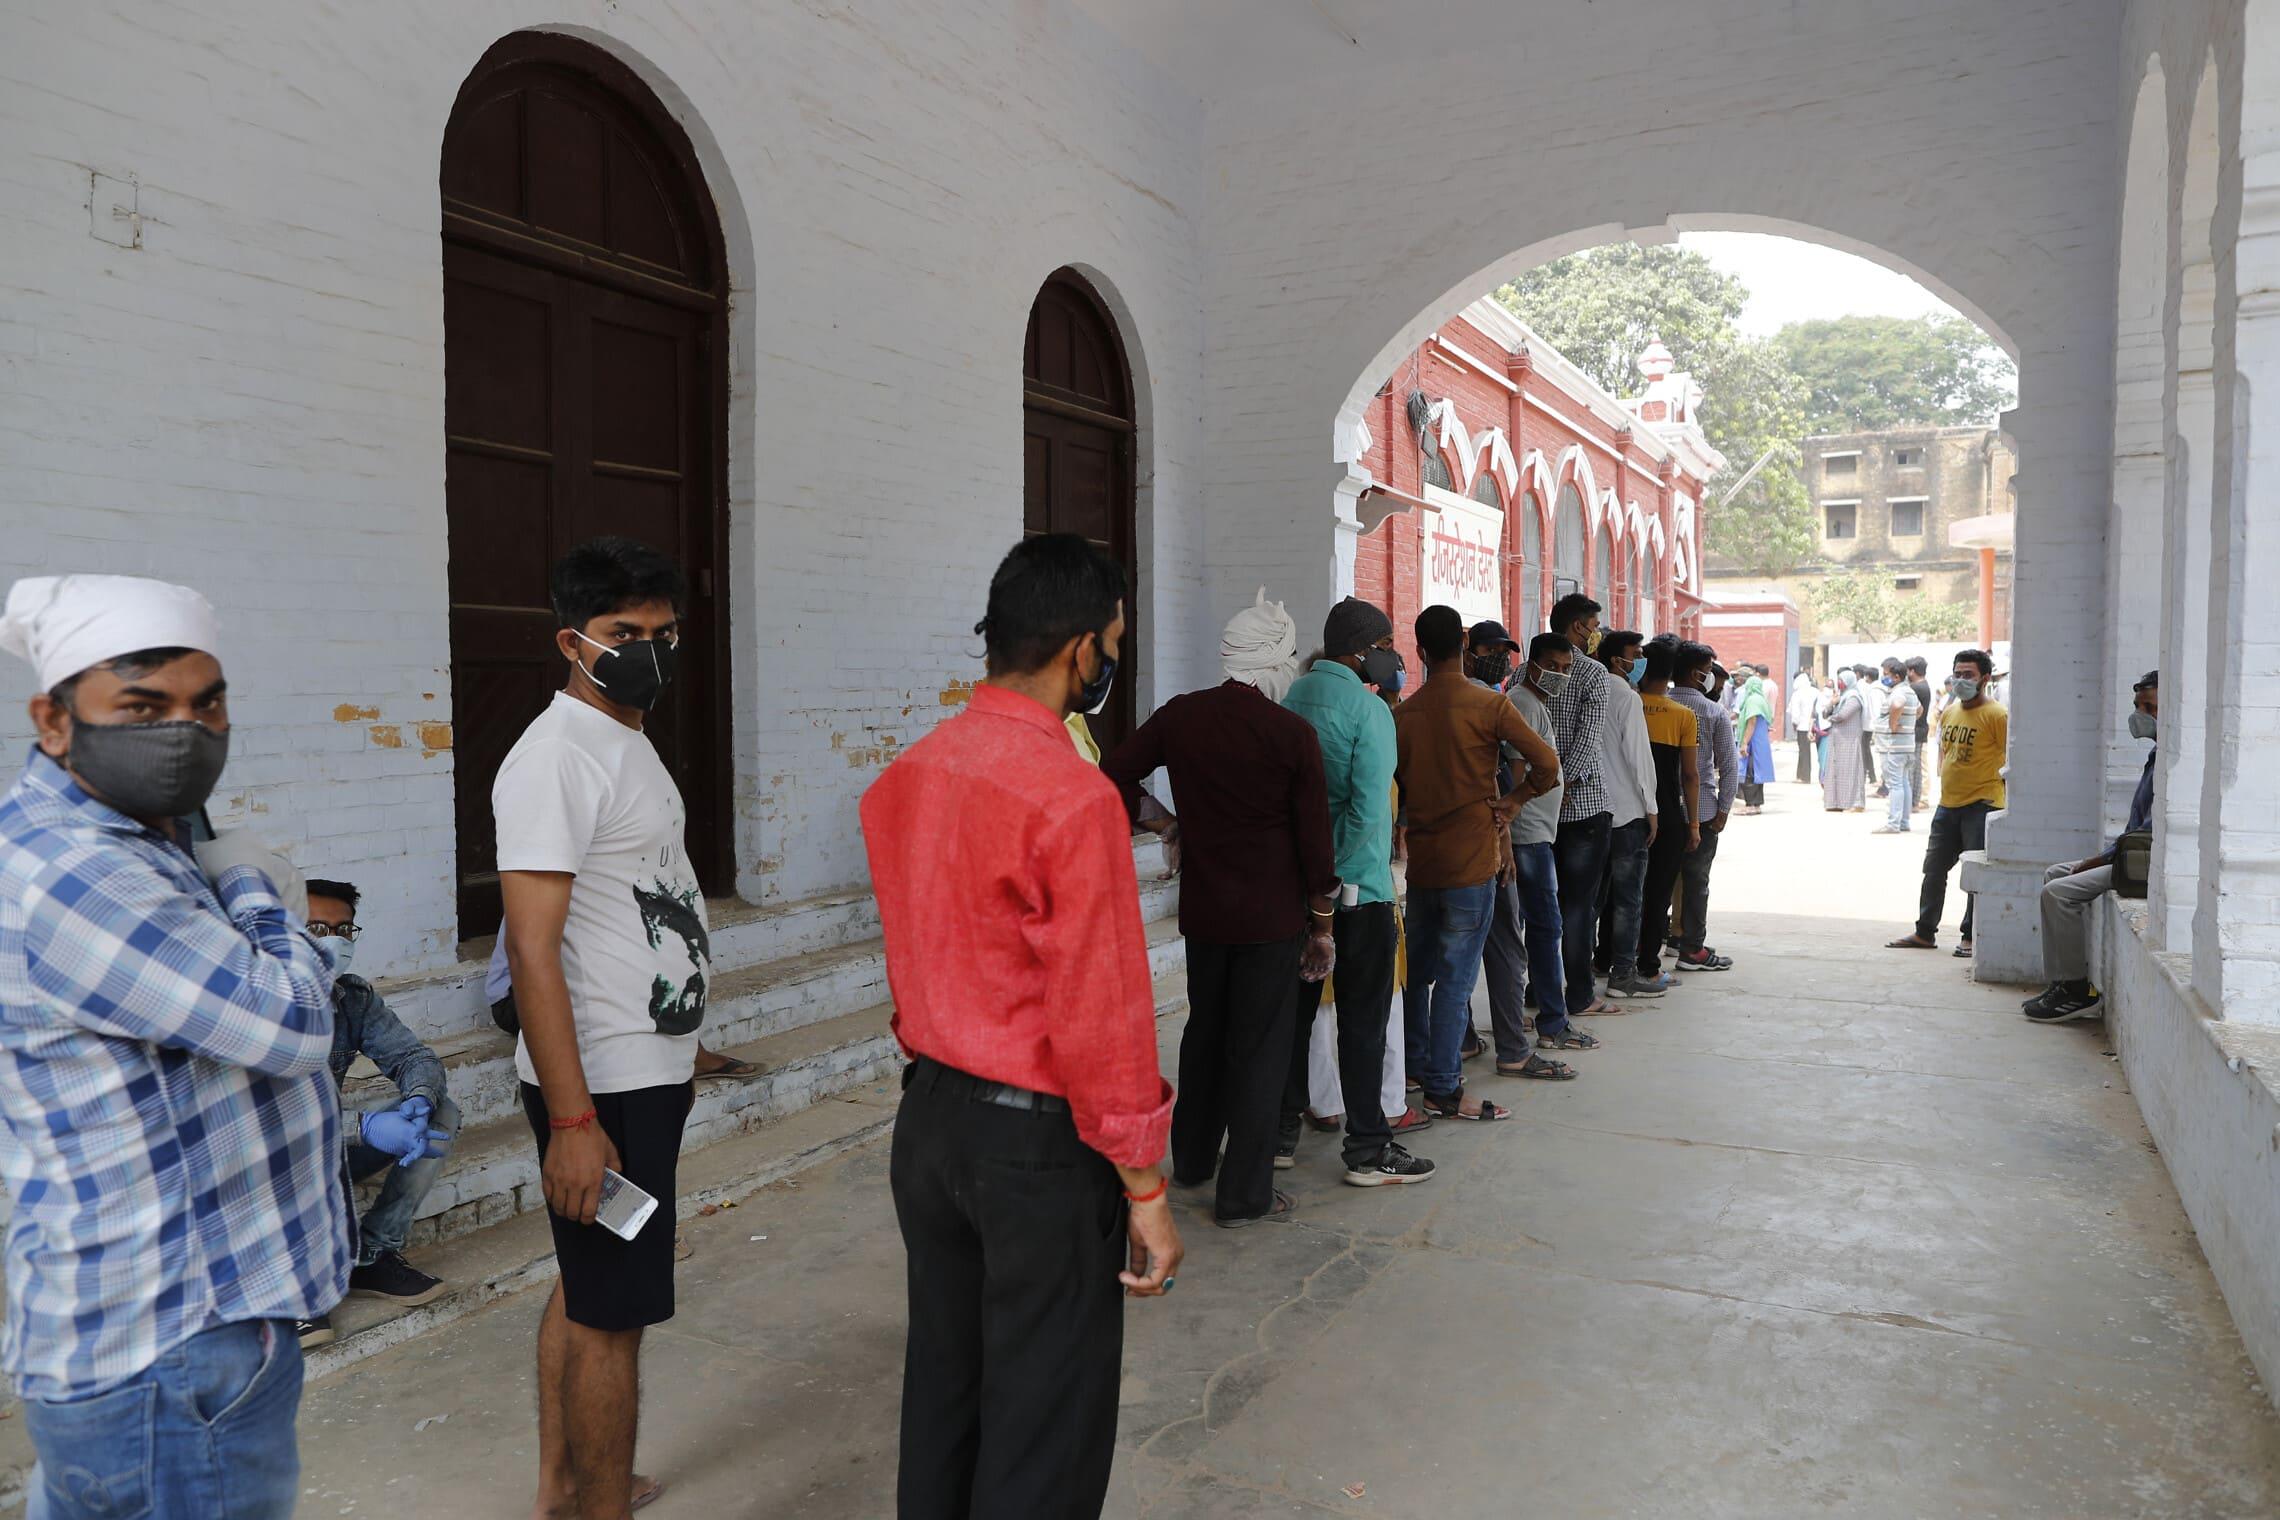 תור לבדיקות קורונה בפרייאגרג', הודו, 17 באפריל 2021 (צילום: AP Photo/Rajesh Kumar Singh)